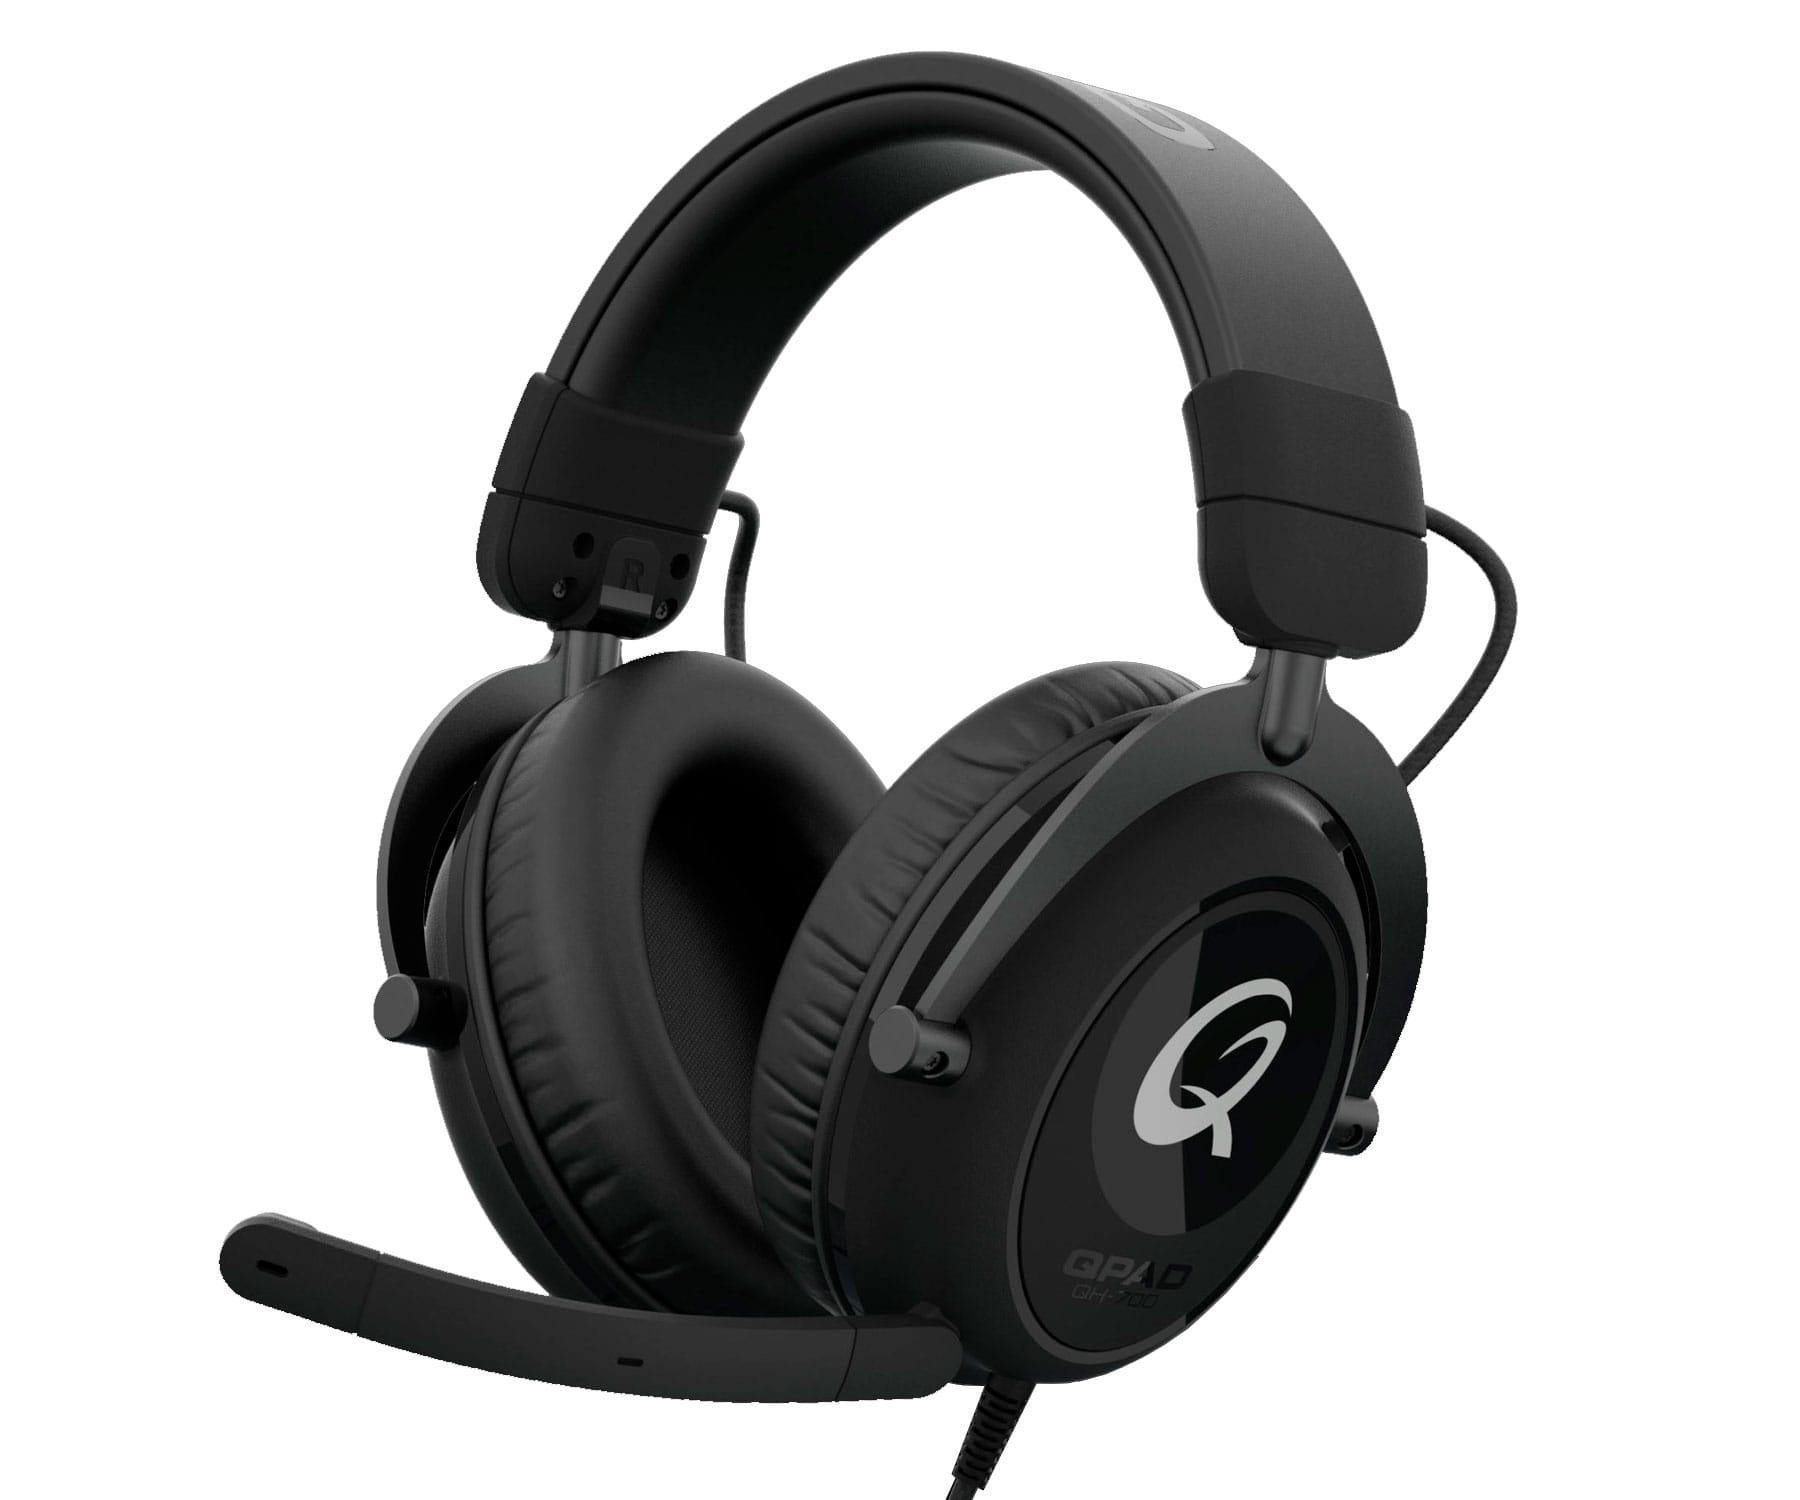 Qpad QH700 Premium Stereo Negro/ Auriculares Multiplataforma/Estéreo/RGB